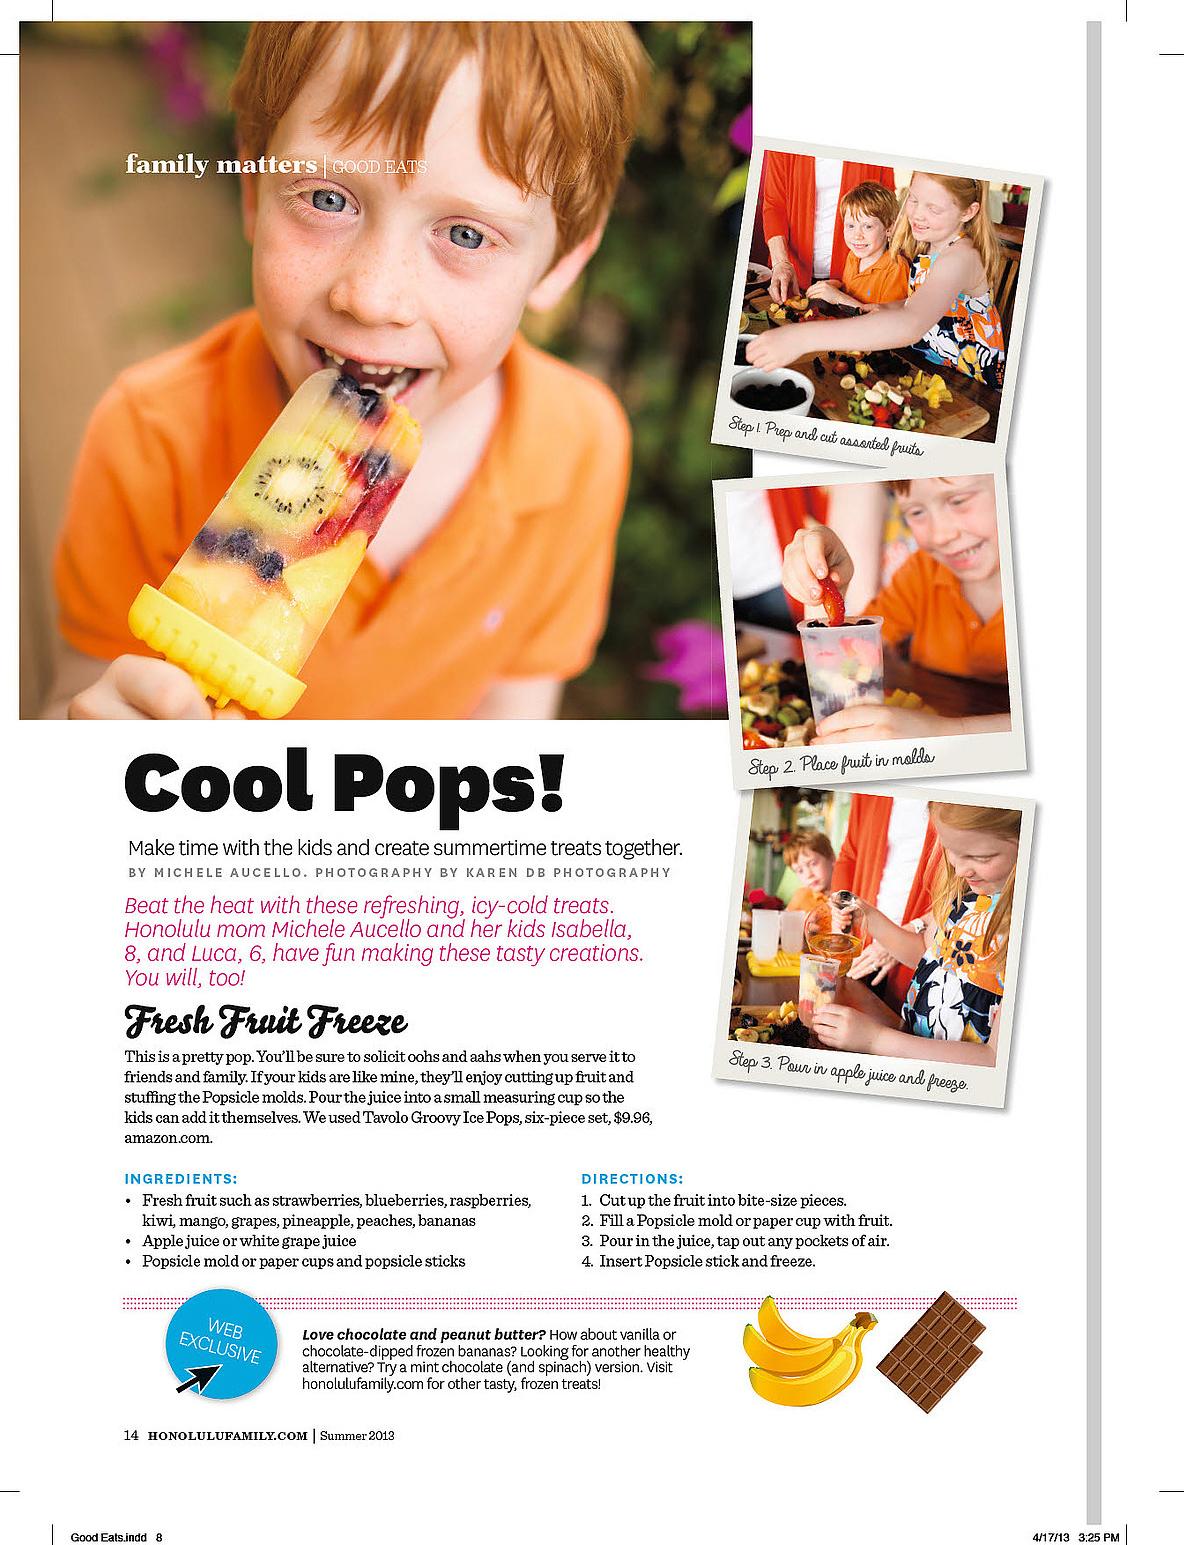 Cool Pops